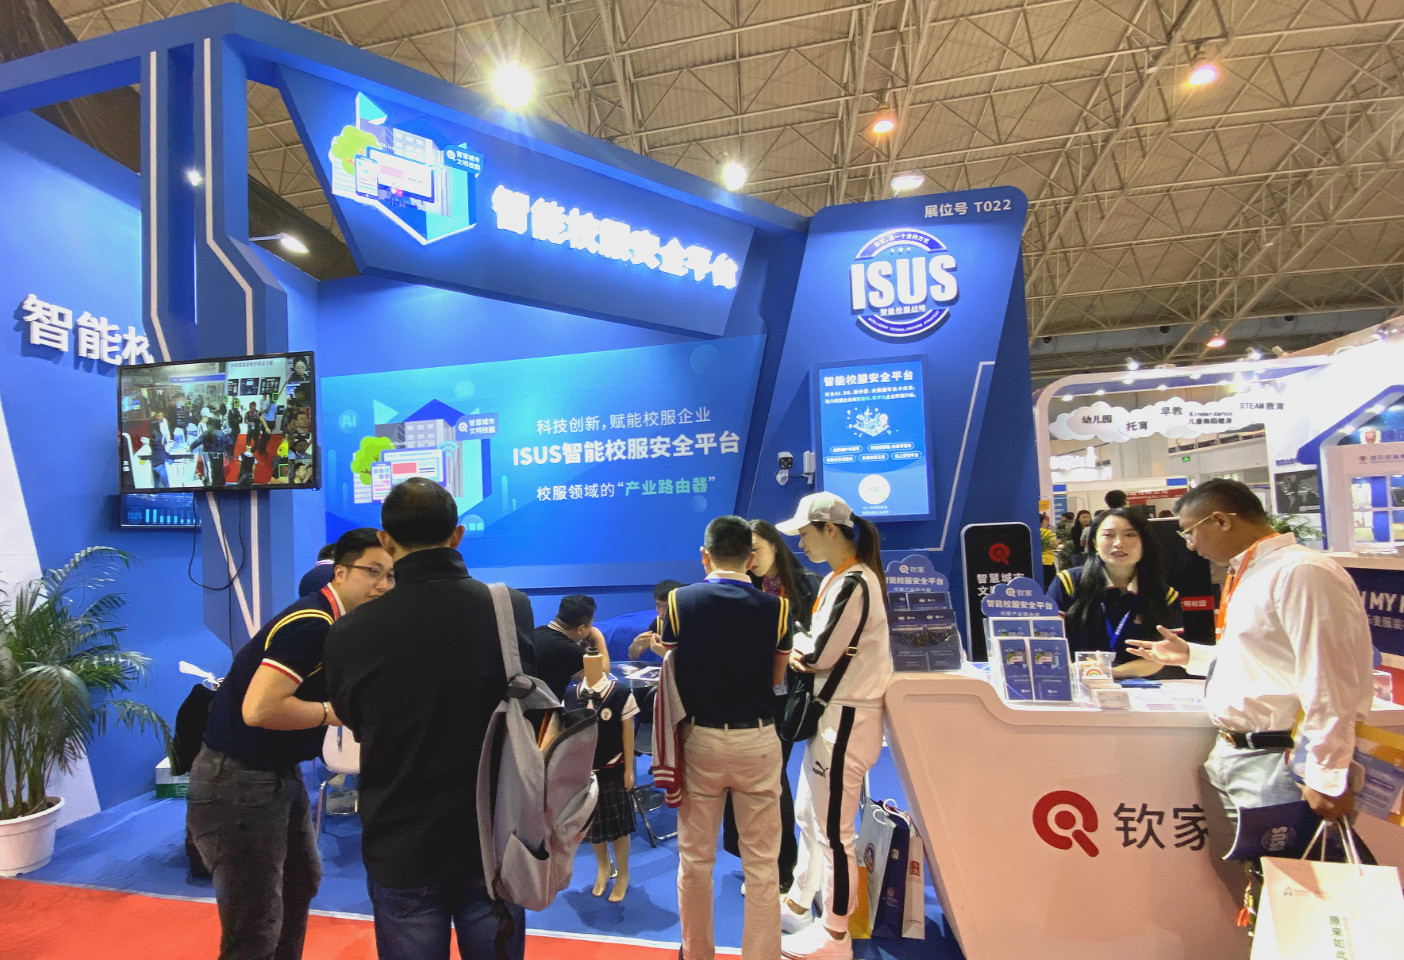 2019北京国际学校制服服务展览会成功举办,来自教育界的许多主要嘉宾莅临现场